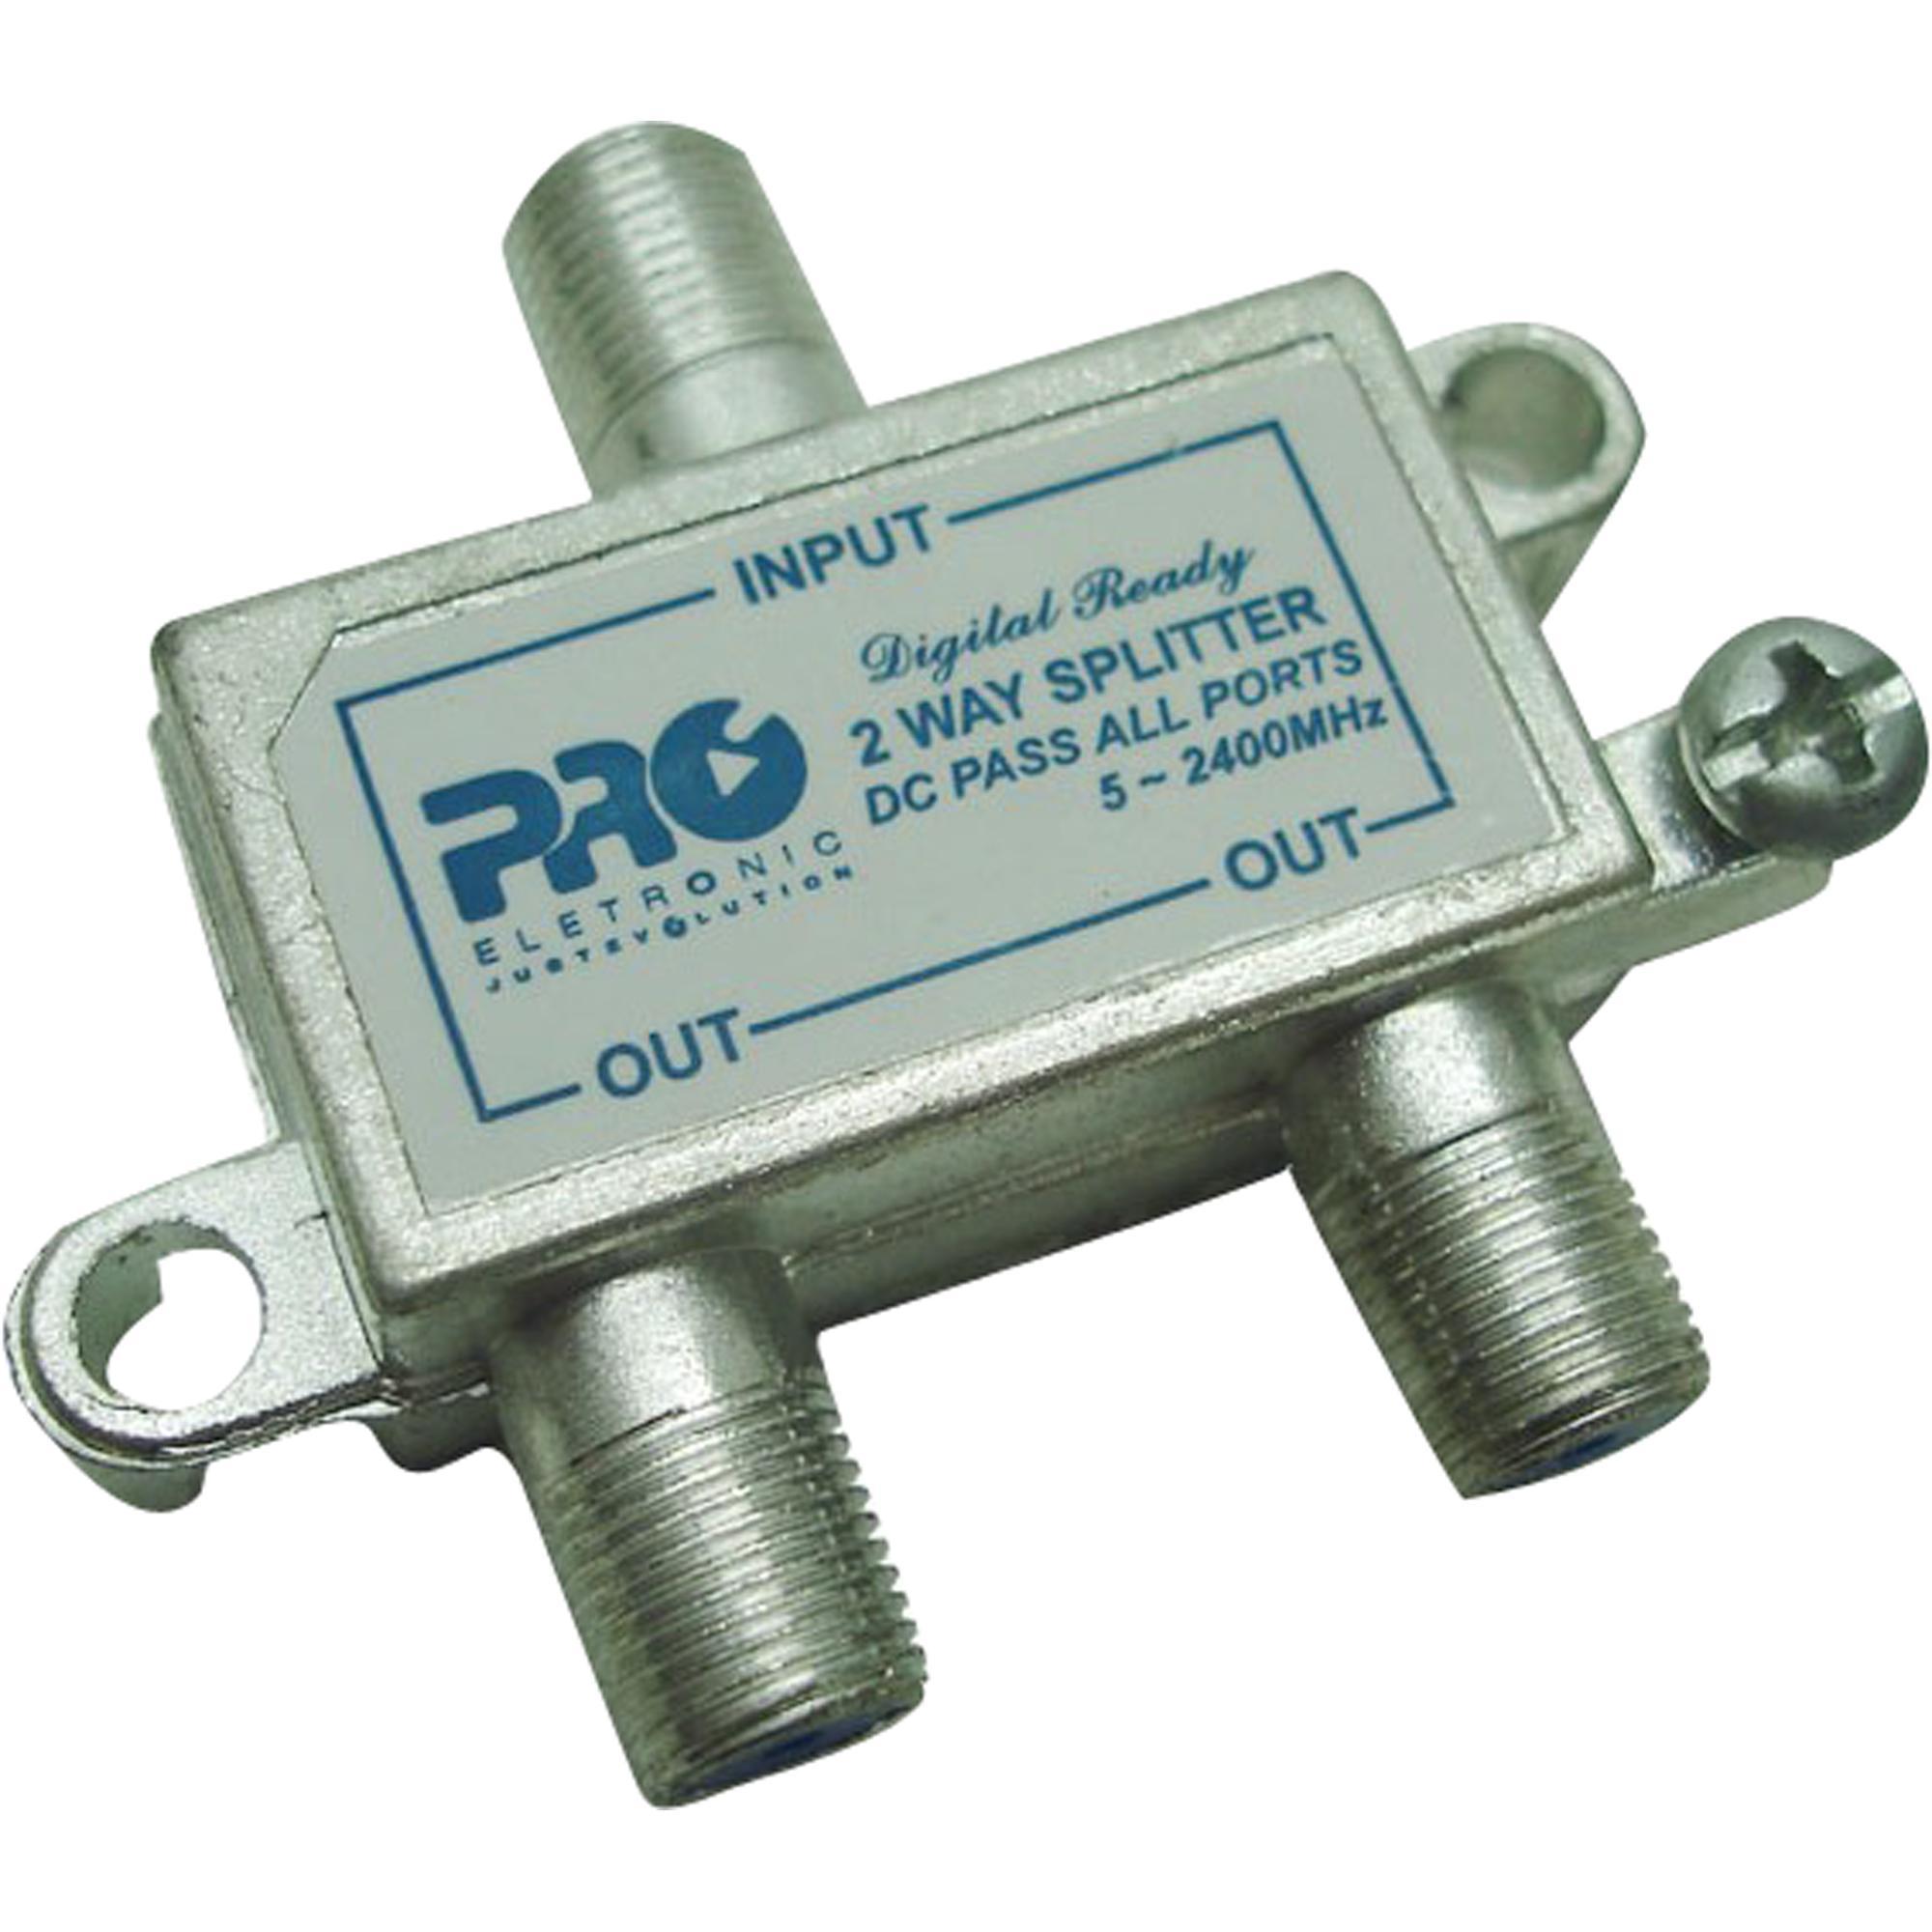 DIVISOR PROELETRONIC 1X2 2400MHZ PQDV 1022B